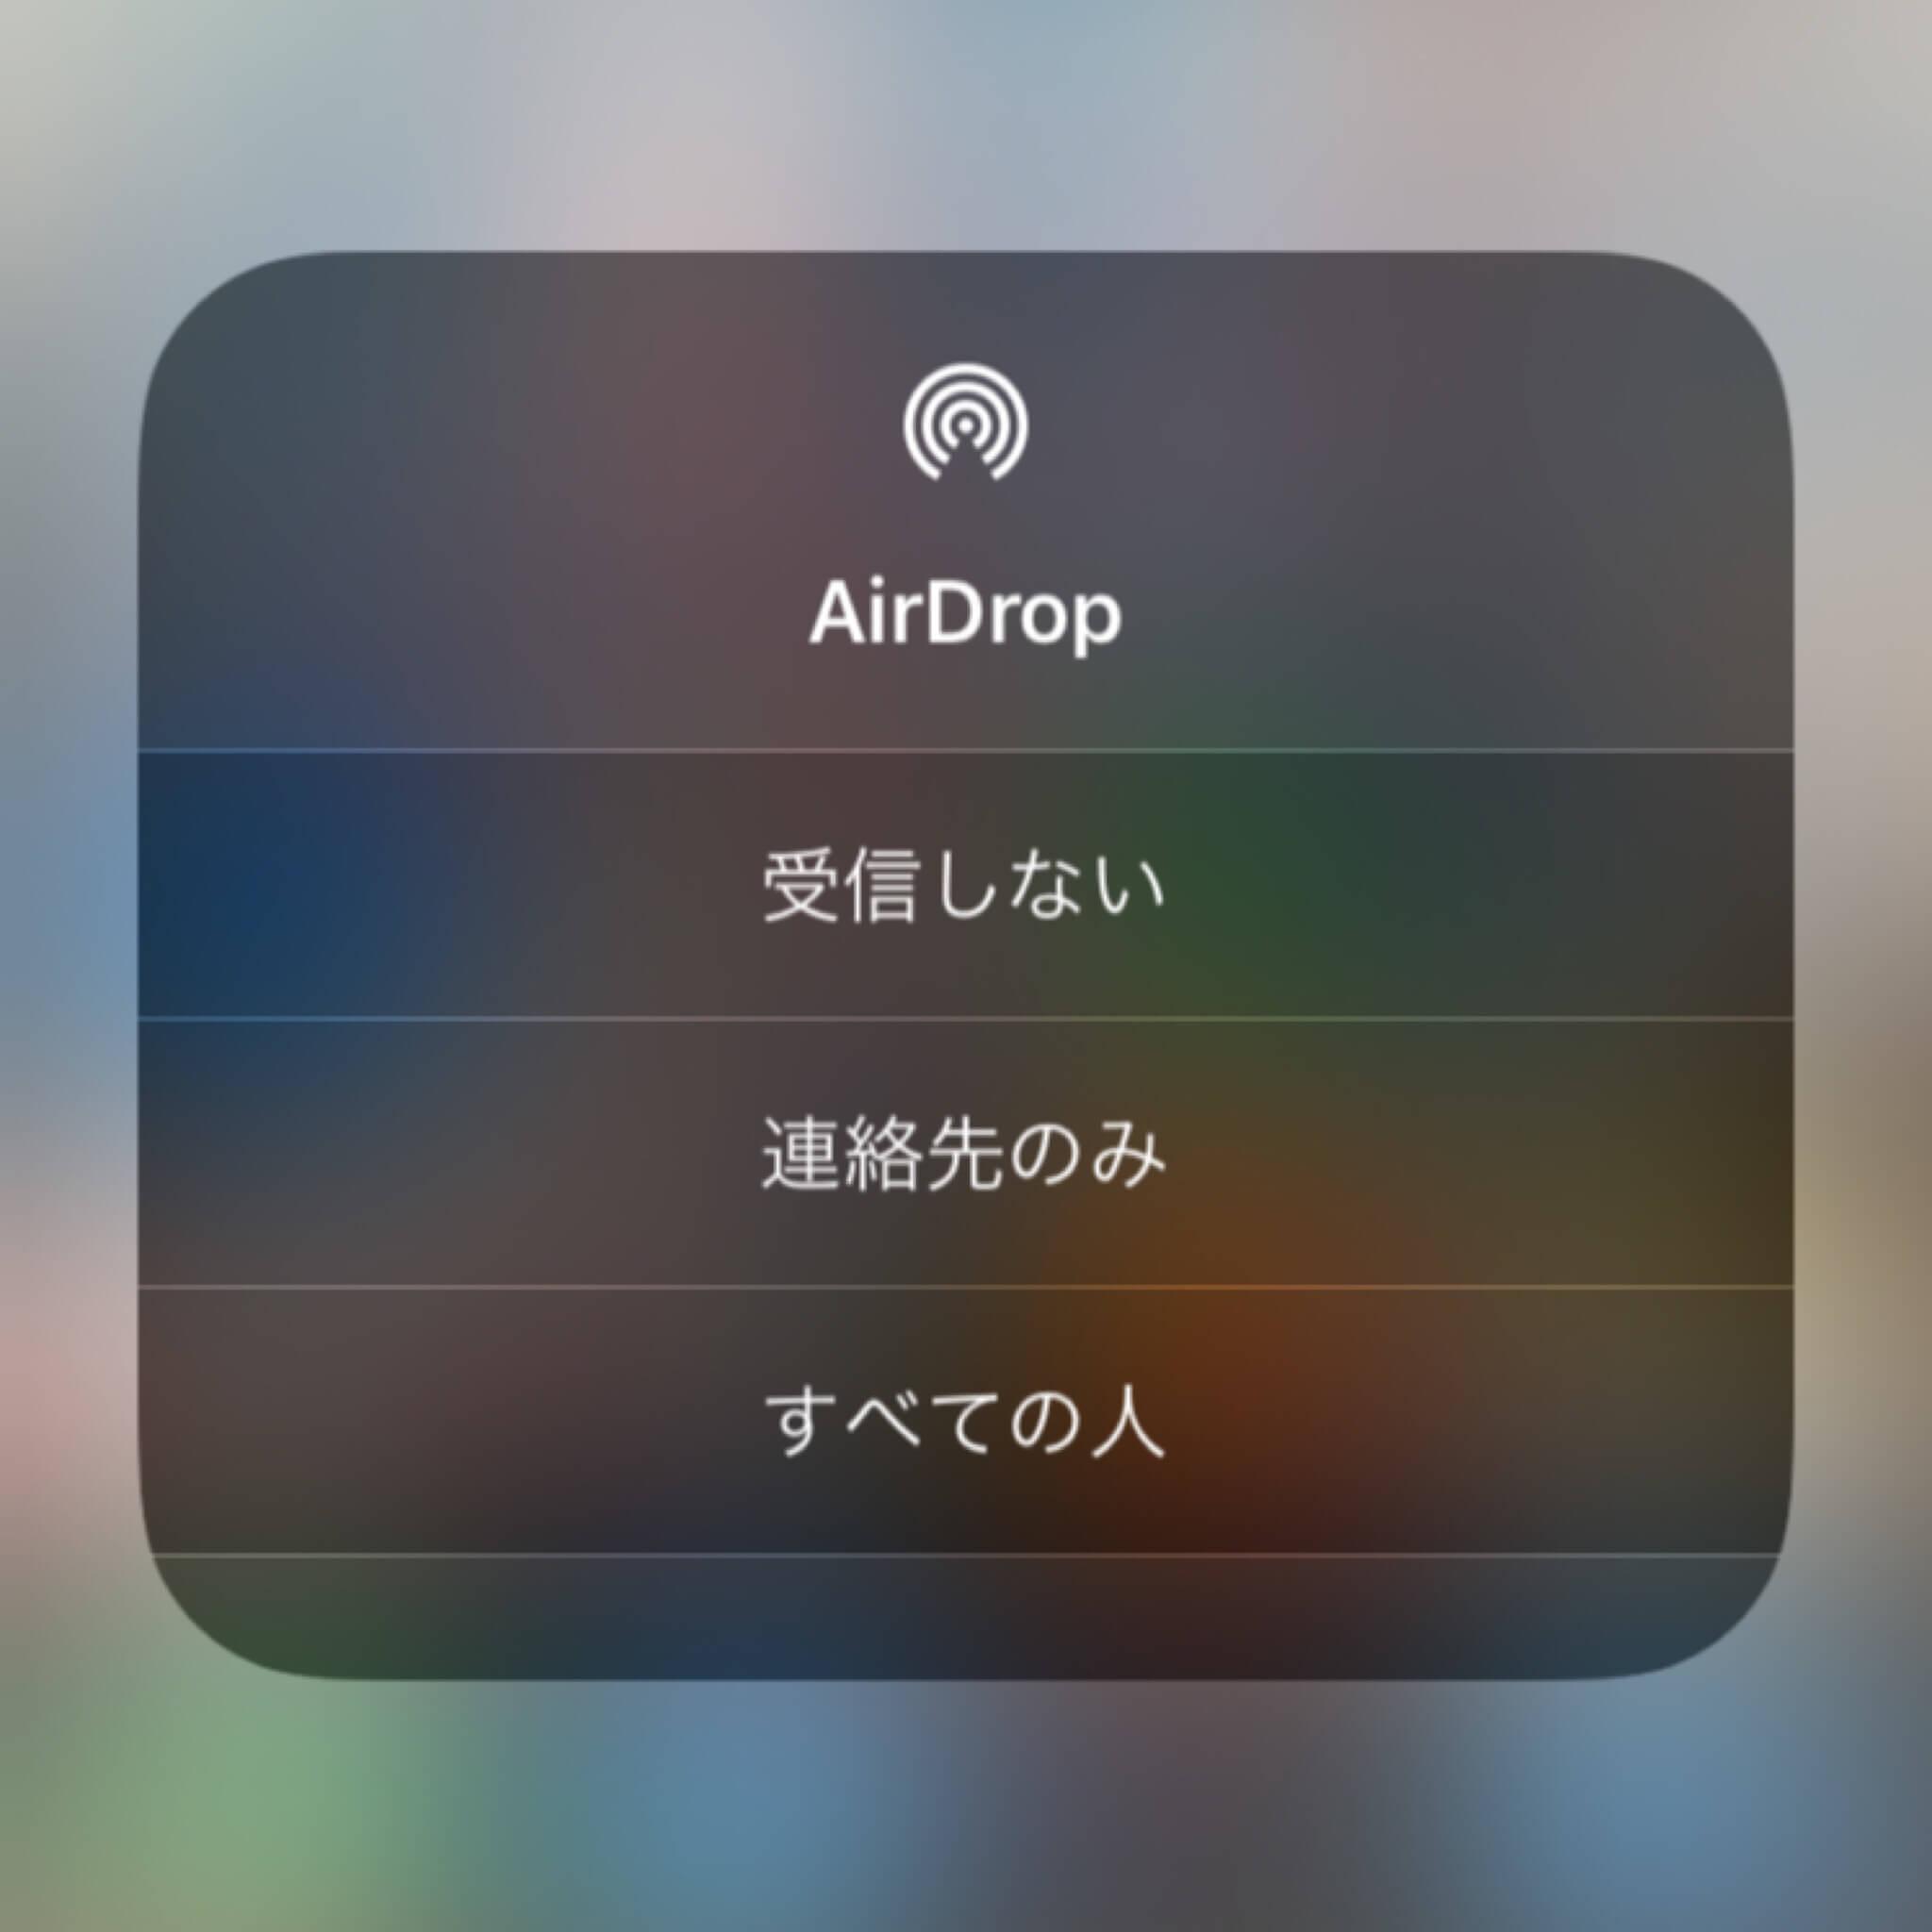 AirDropでデータ共有する範囲を選択する画面説明です。(コントロールセンター)